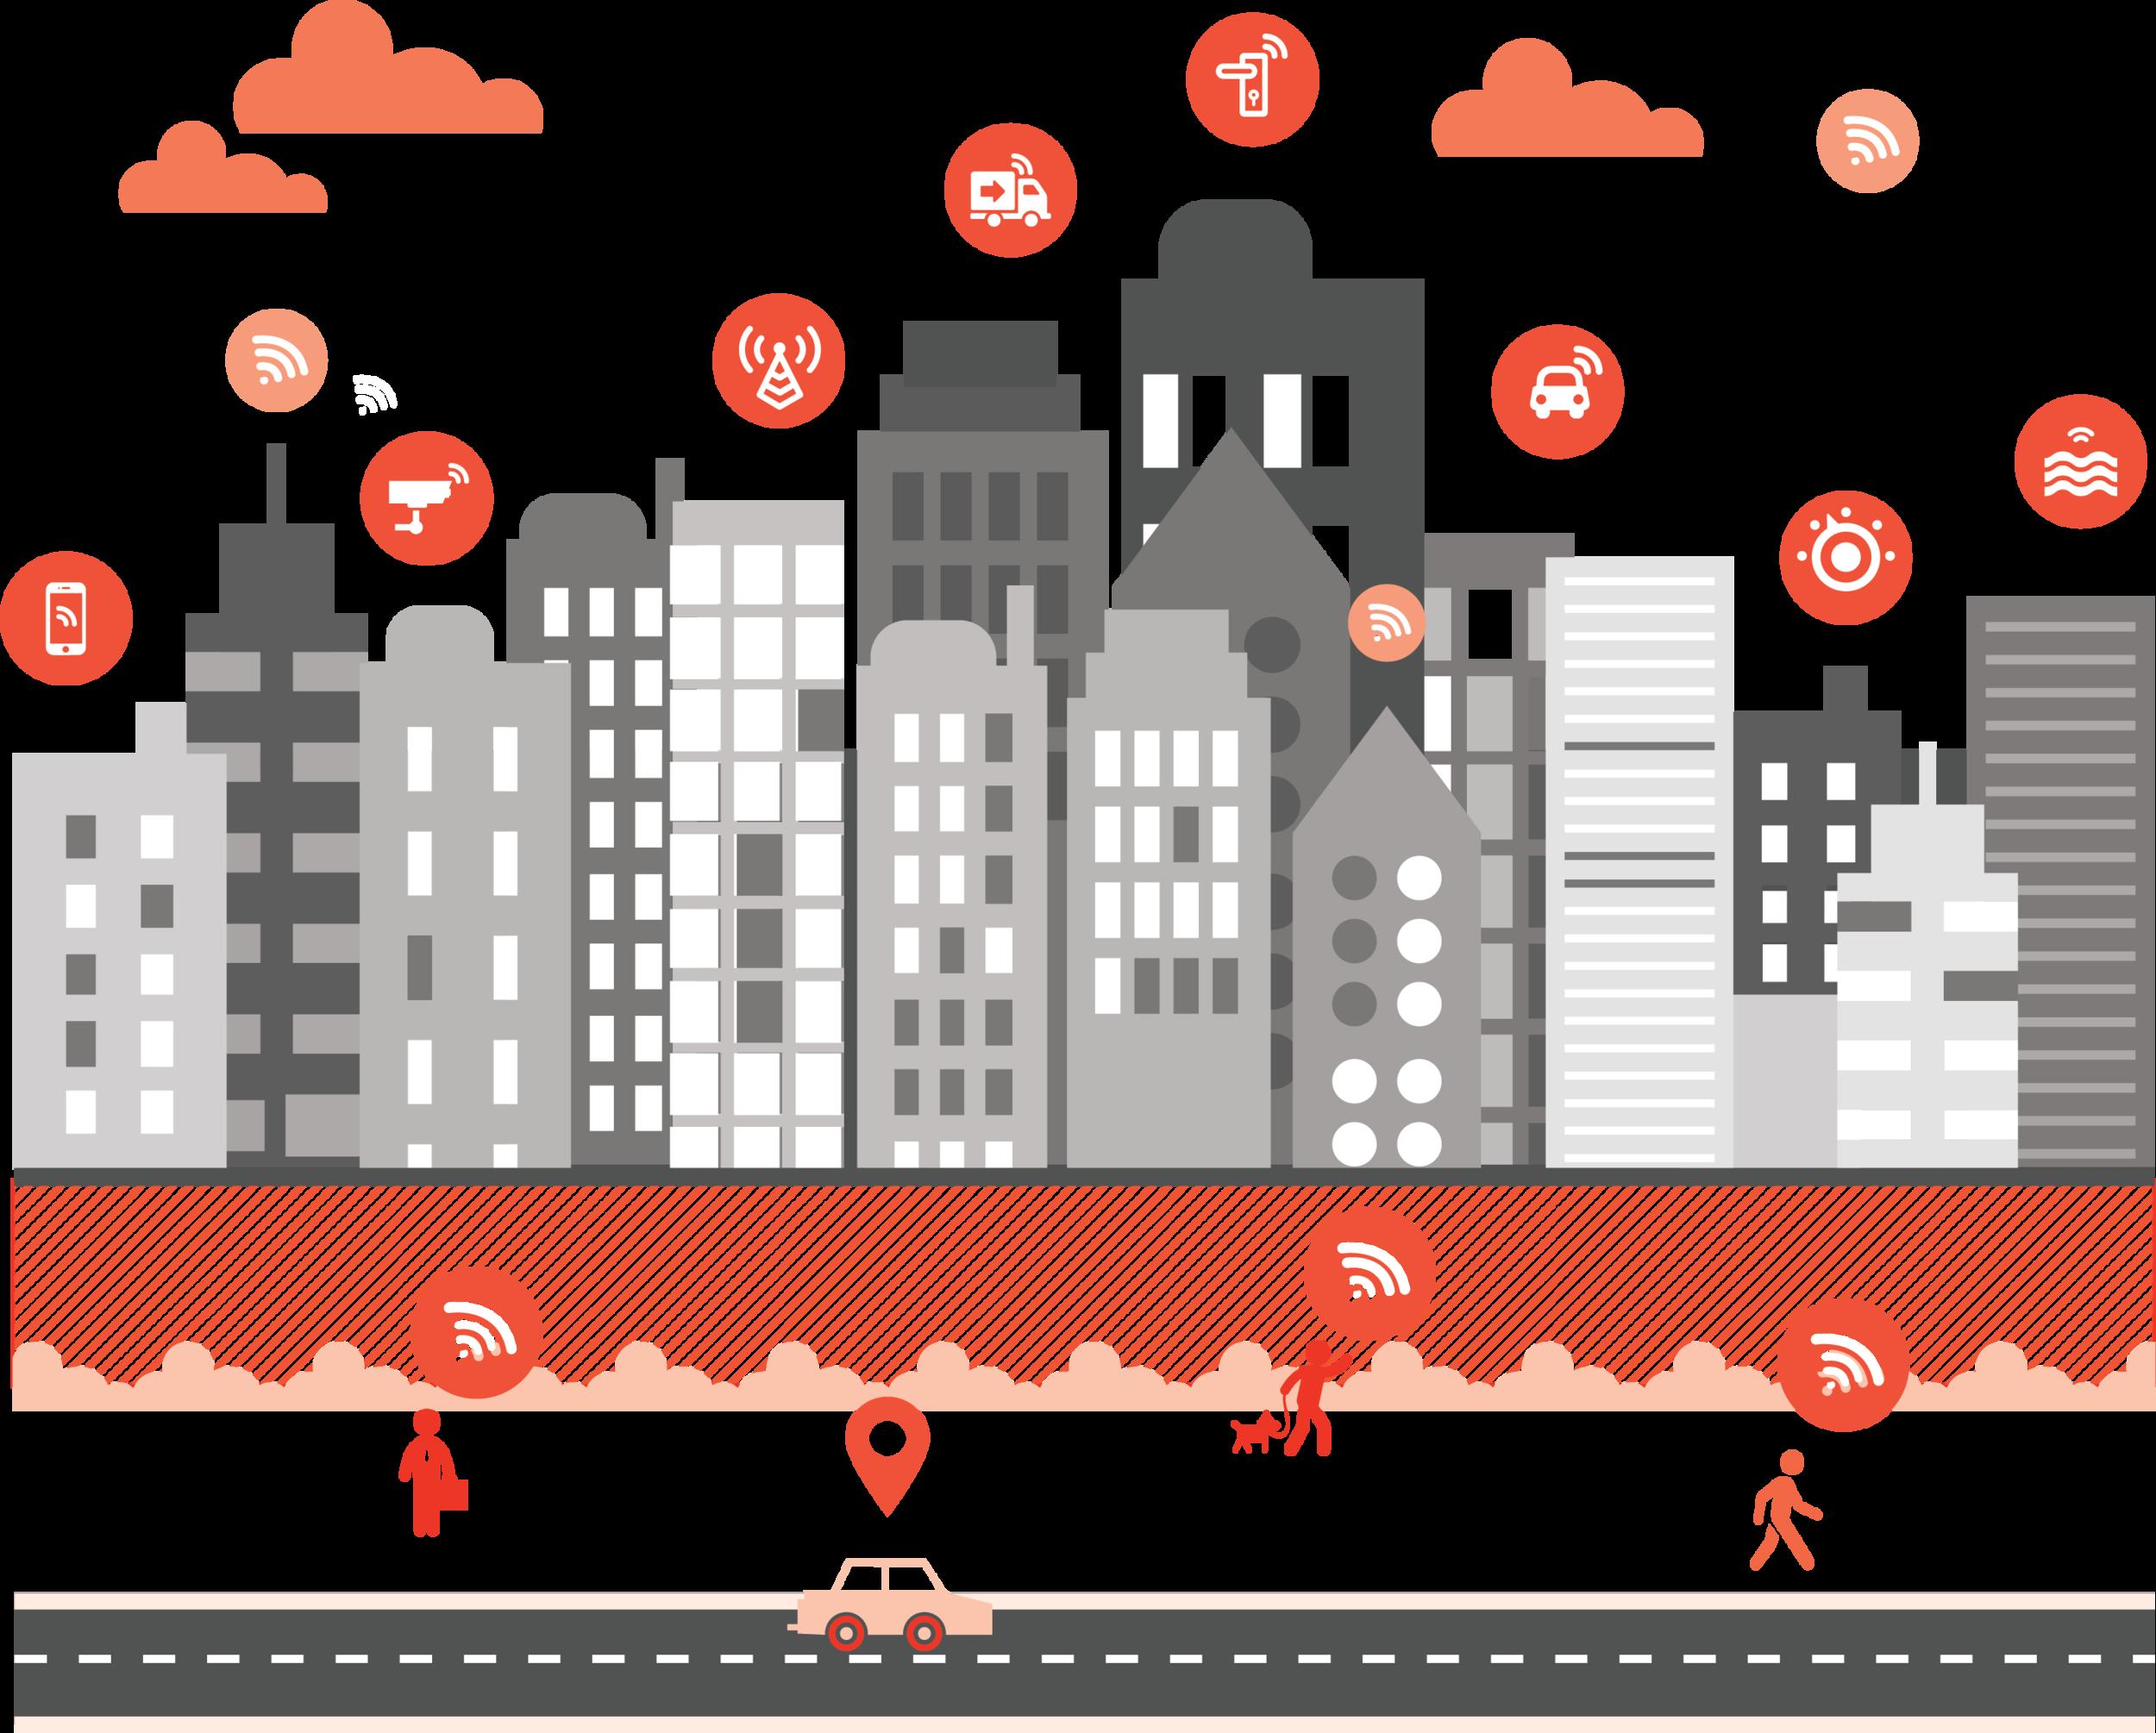 Smart City_Opt 3_V3.png